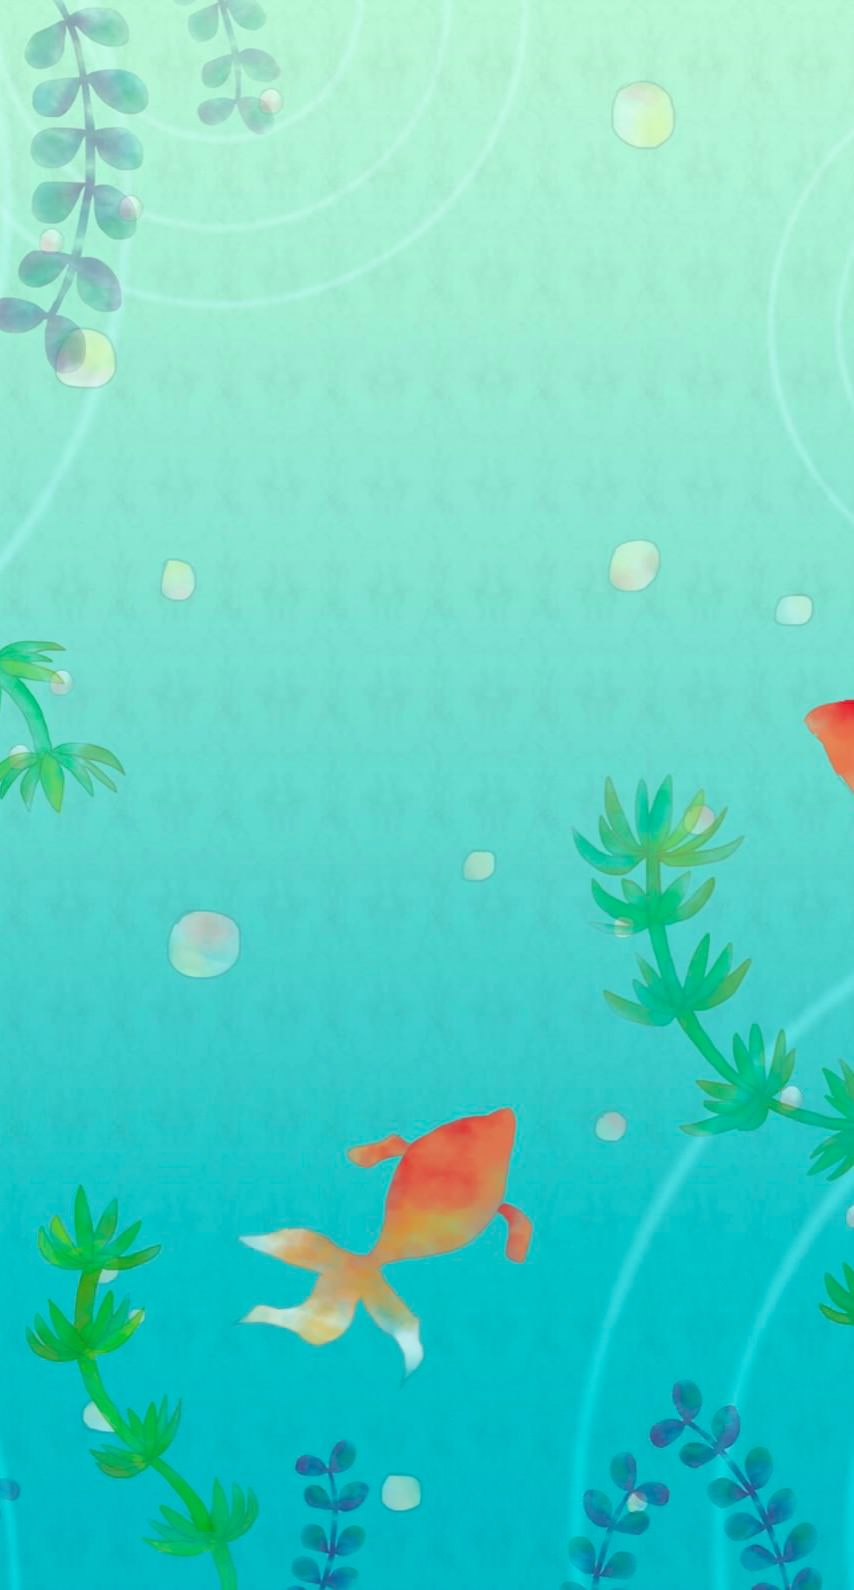 金魚イラスト Wallpaper Sc Iphone7壁紙